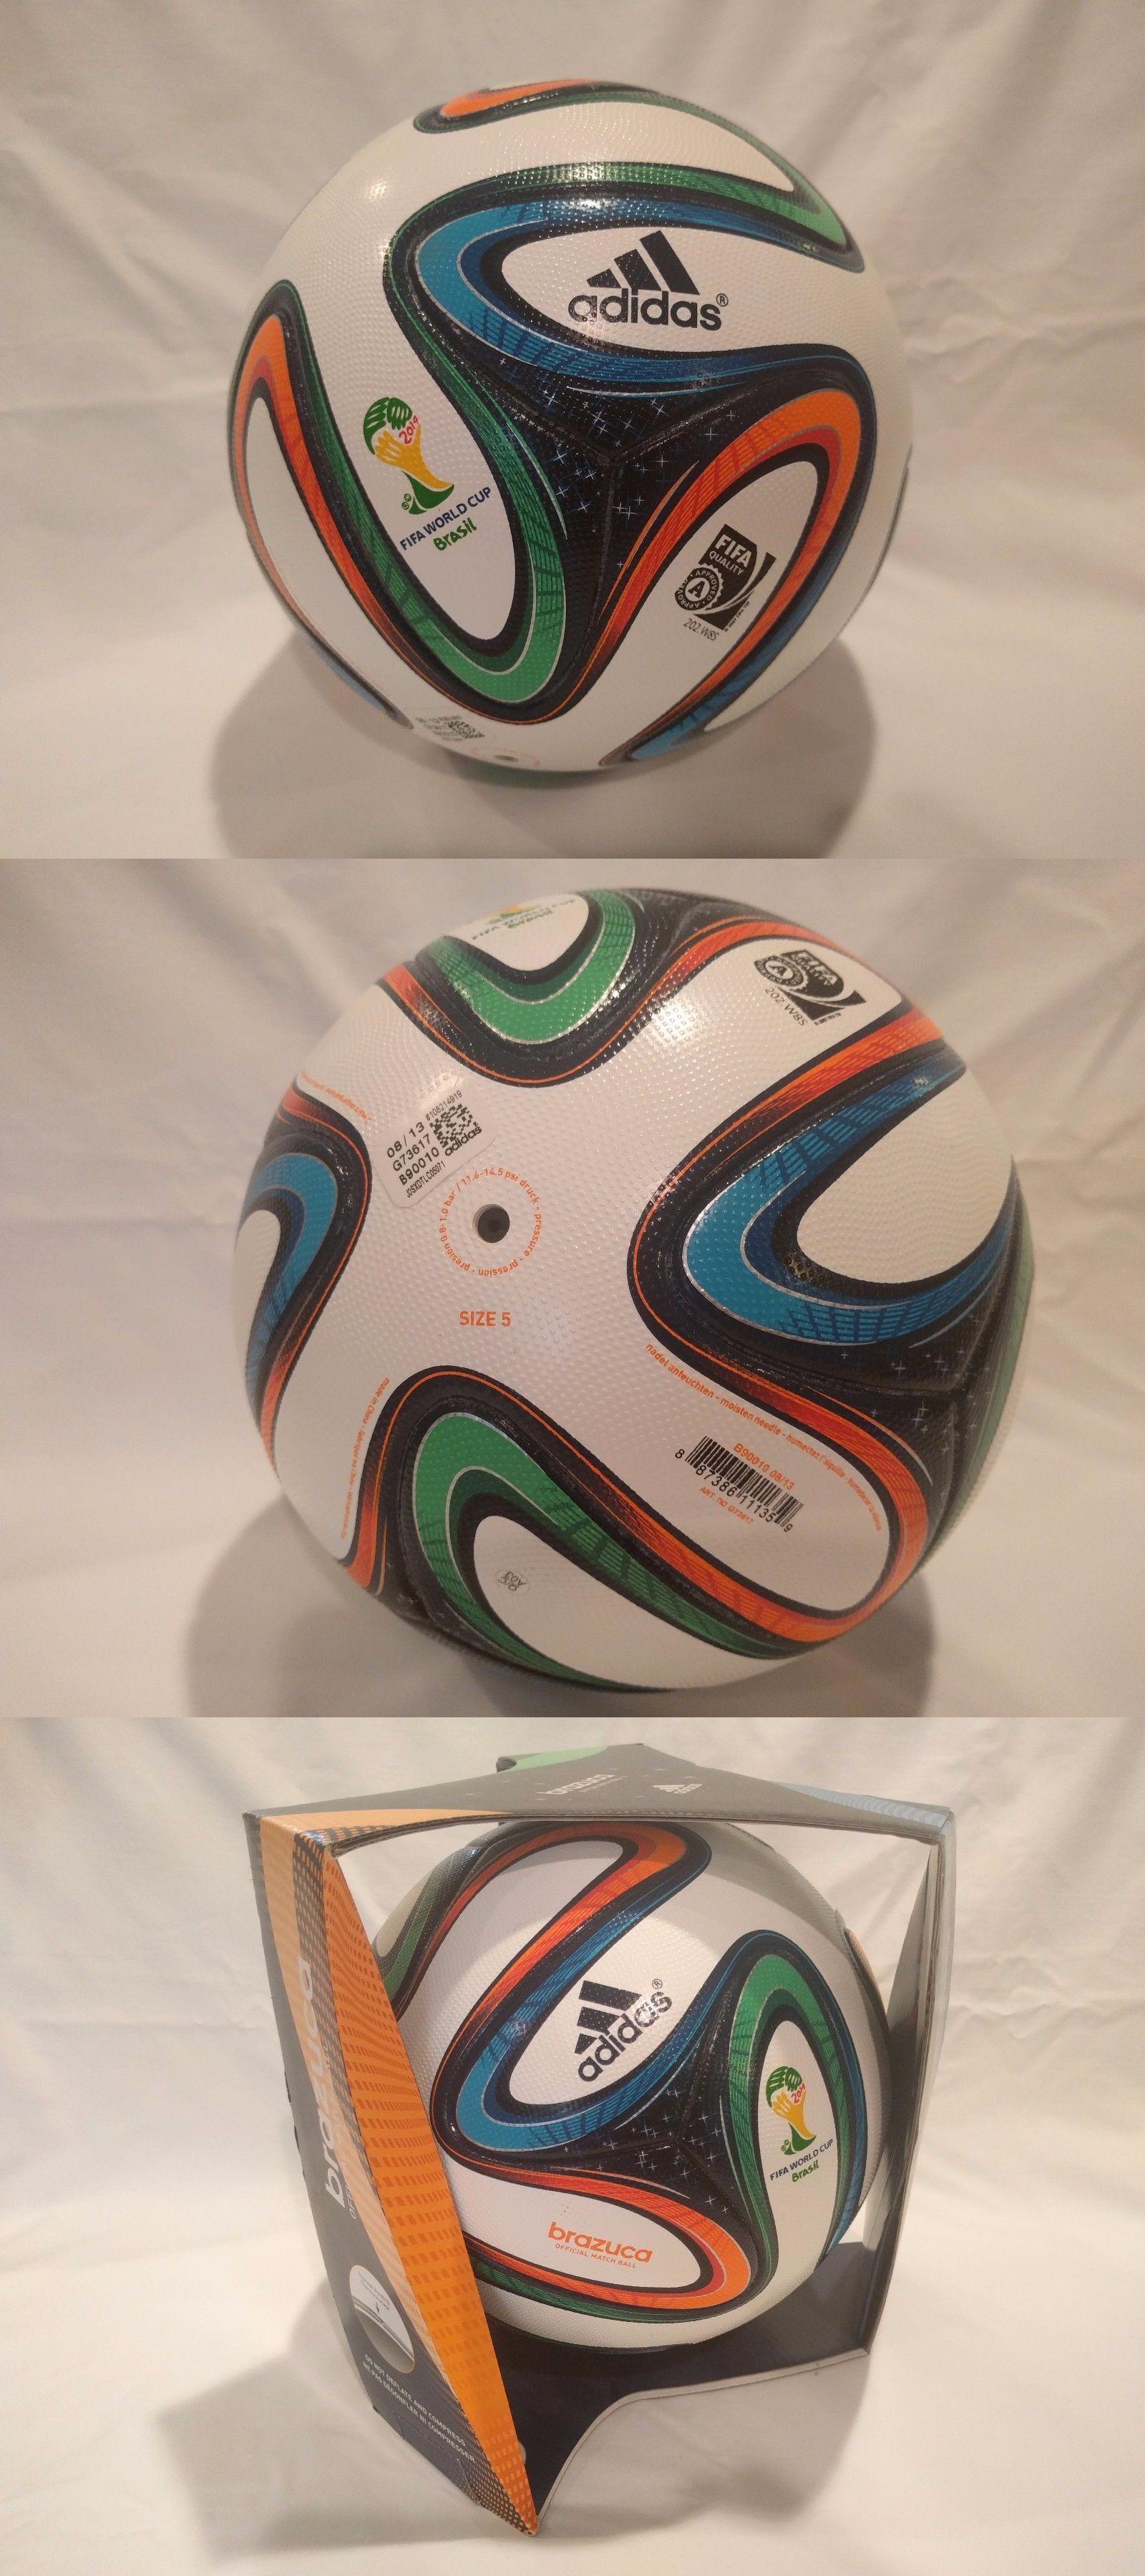 Bolas 20863: 2014 Adidas Brazuca Adidas Copa del del partido 12758 oficial Fifa World Cup 52ff1c3 - allpoints.host